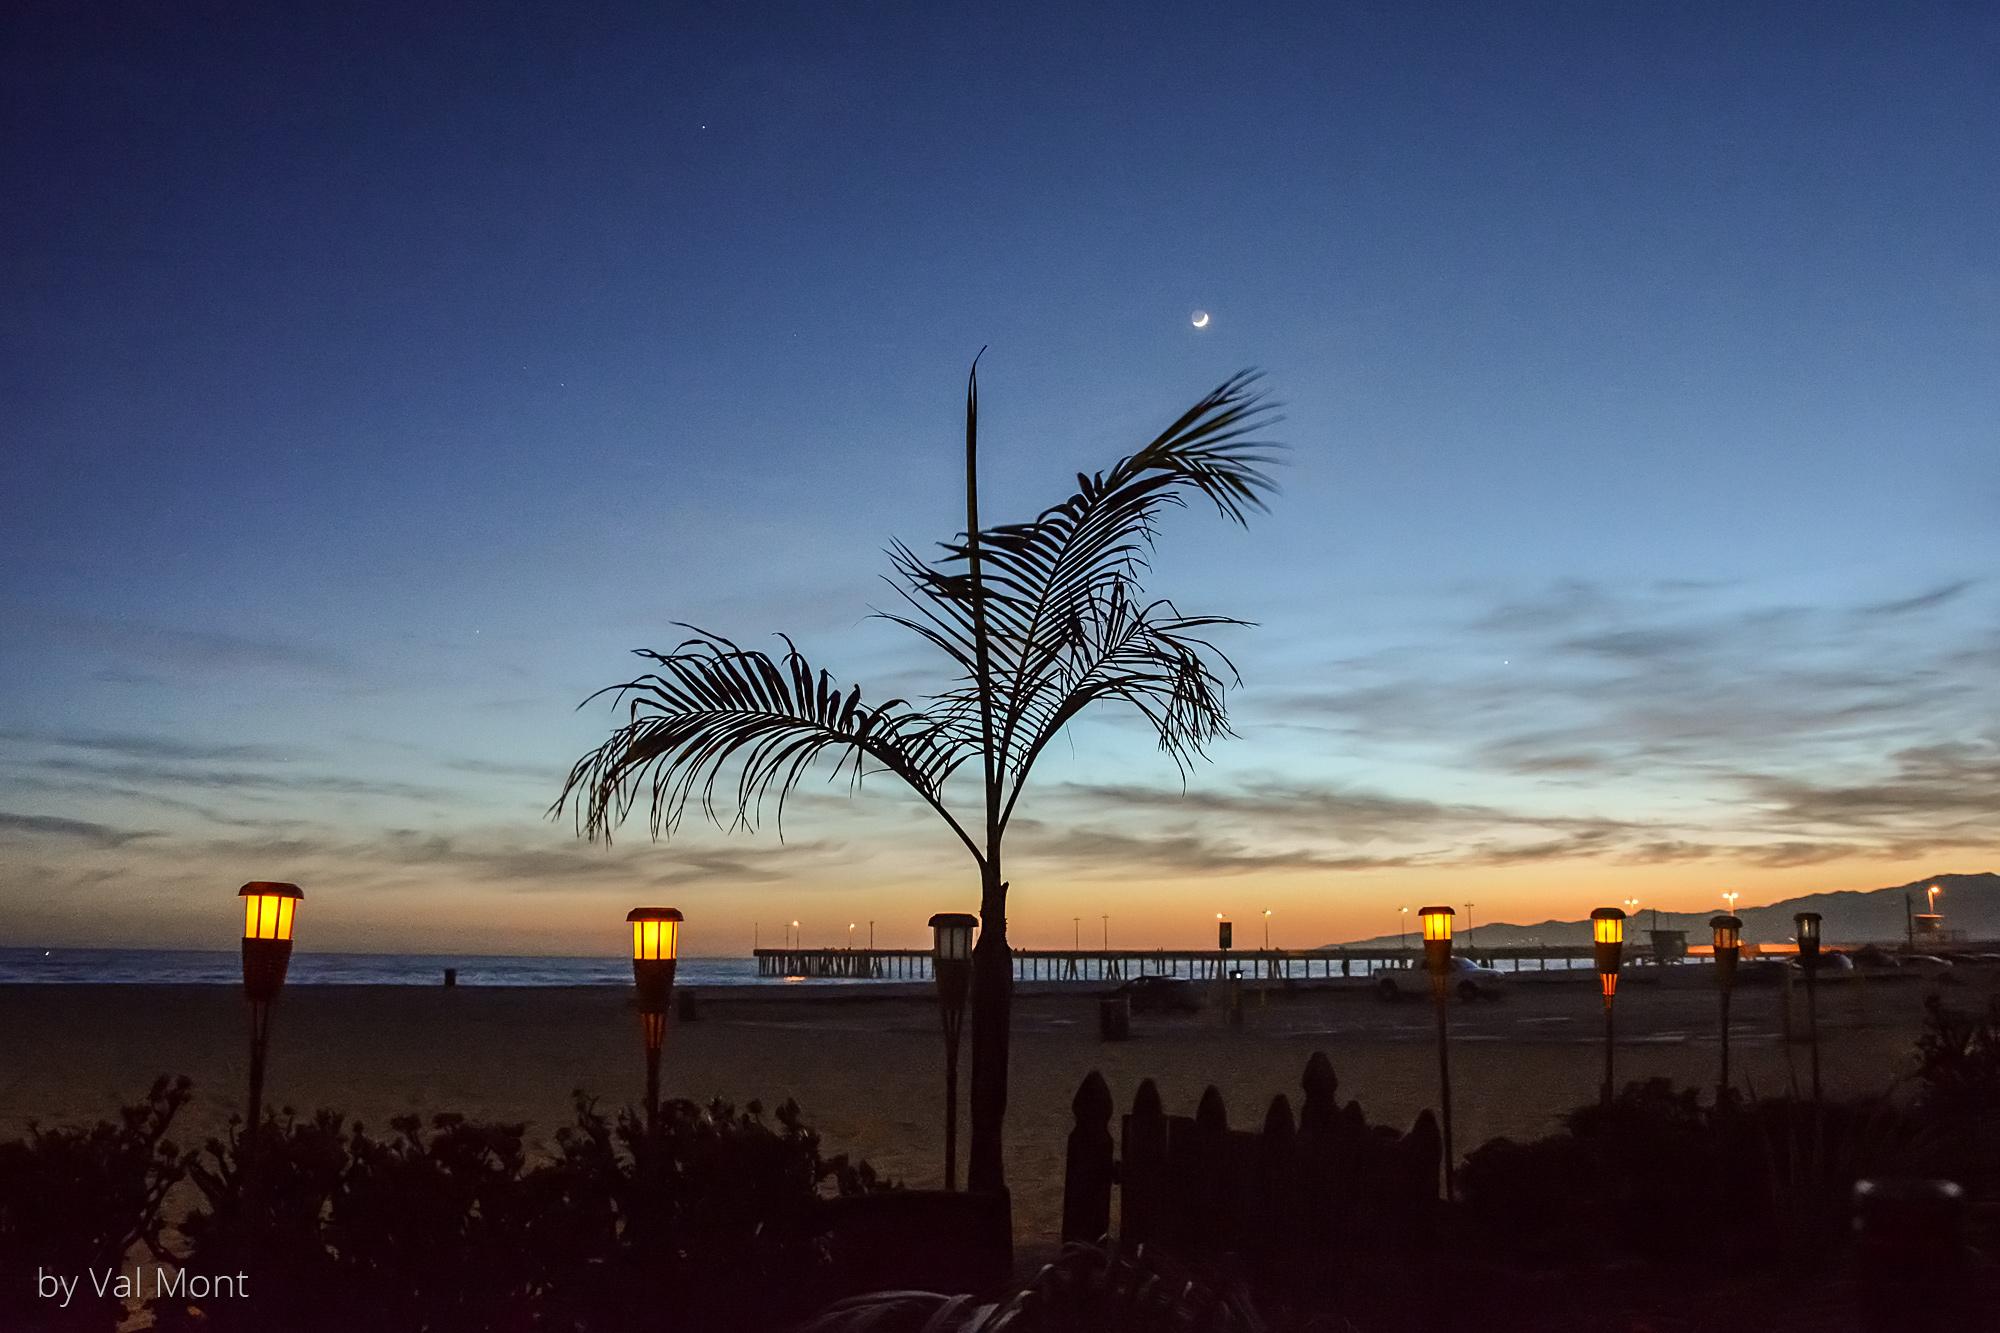 Venice Beach im späten Abendlicht, gesehen von einem der alten Häuser direkt am Strand. Der Blick geht über den Pier nach Nordwesten, Malibu.